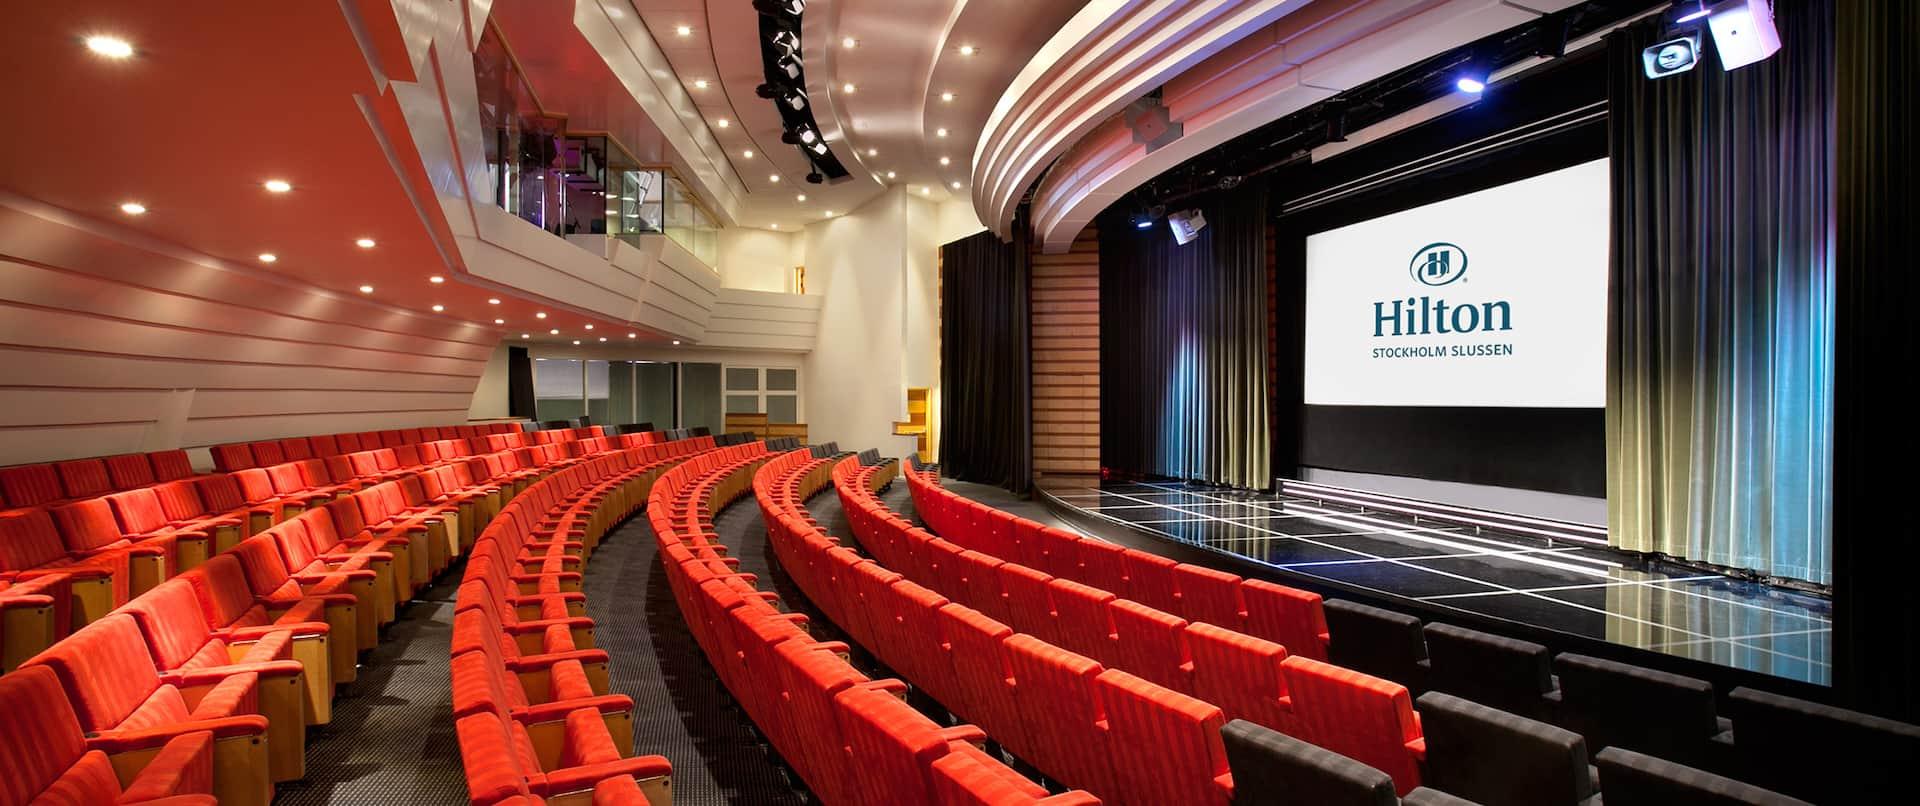 Hilton Auditorium